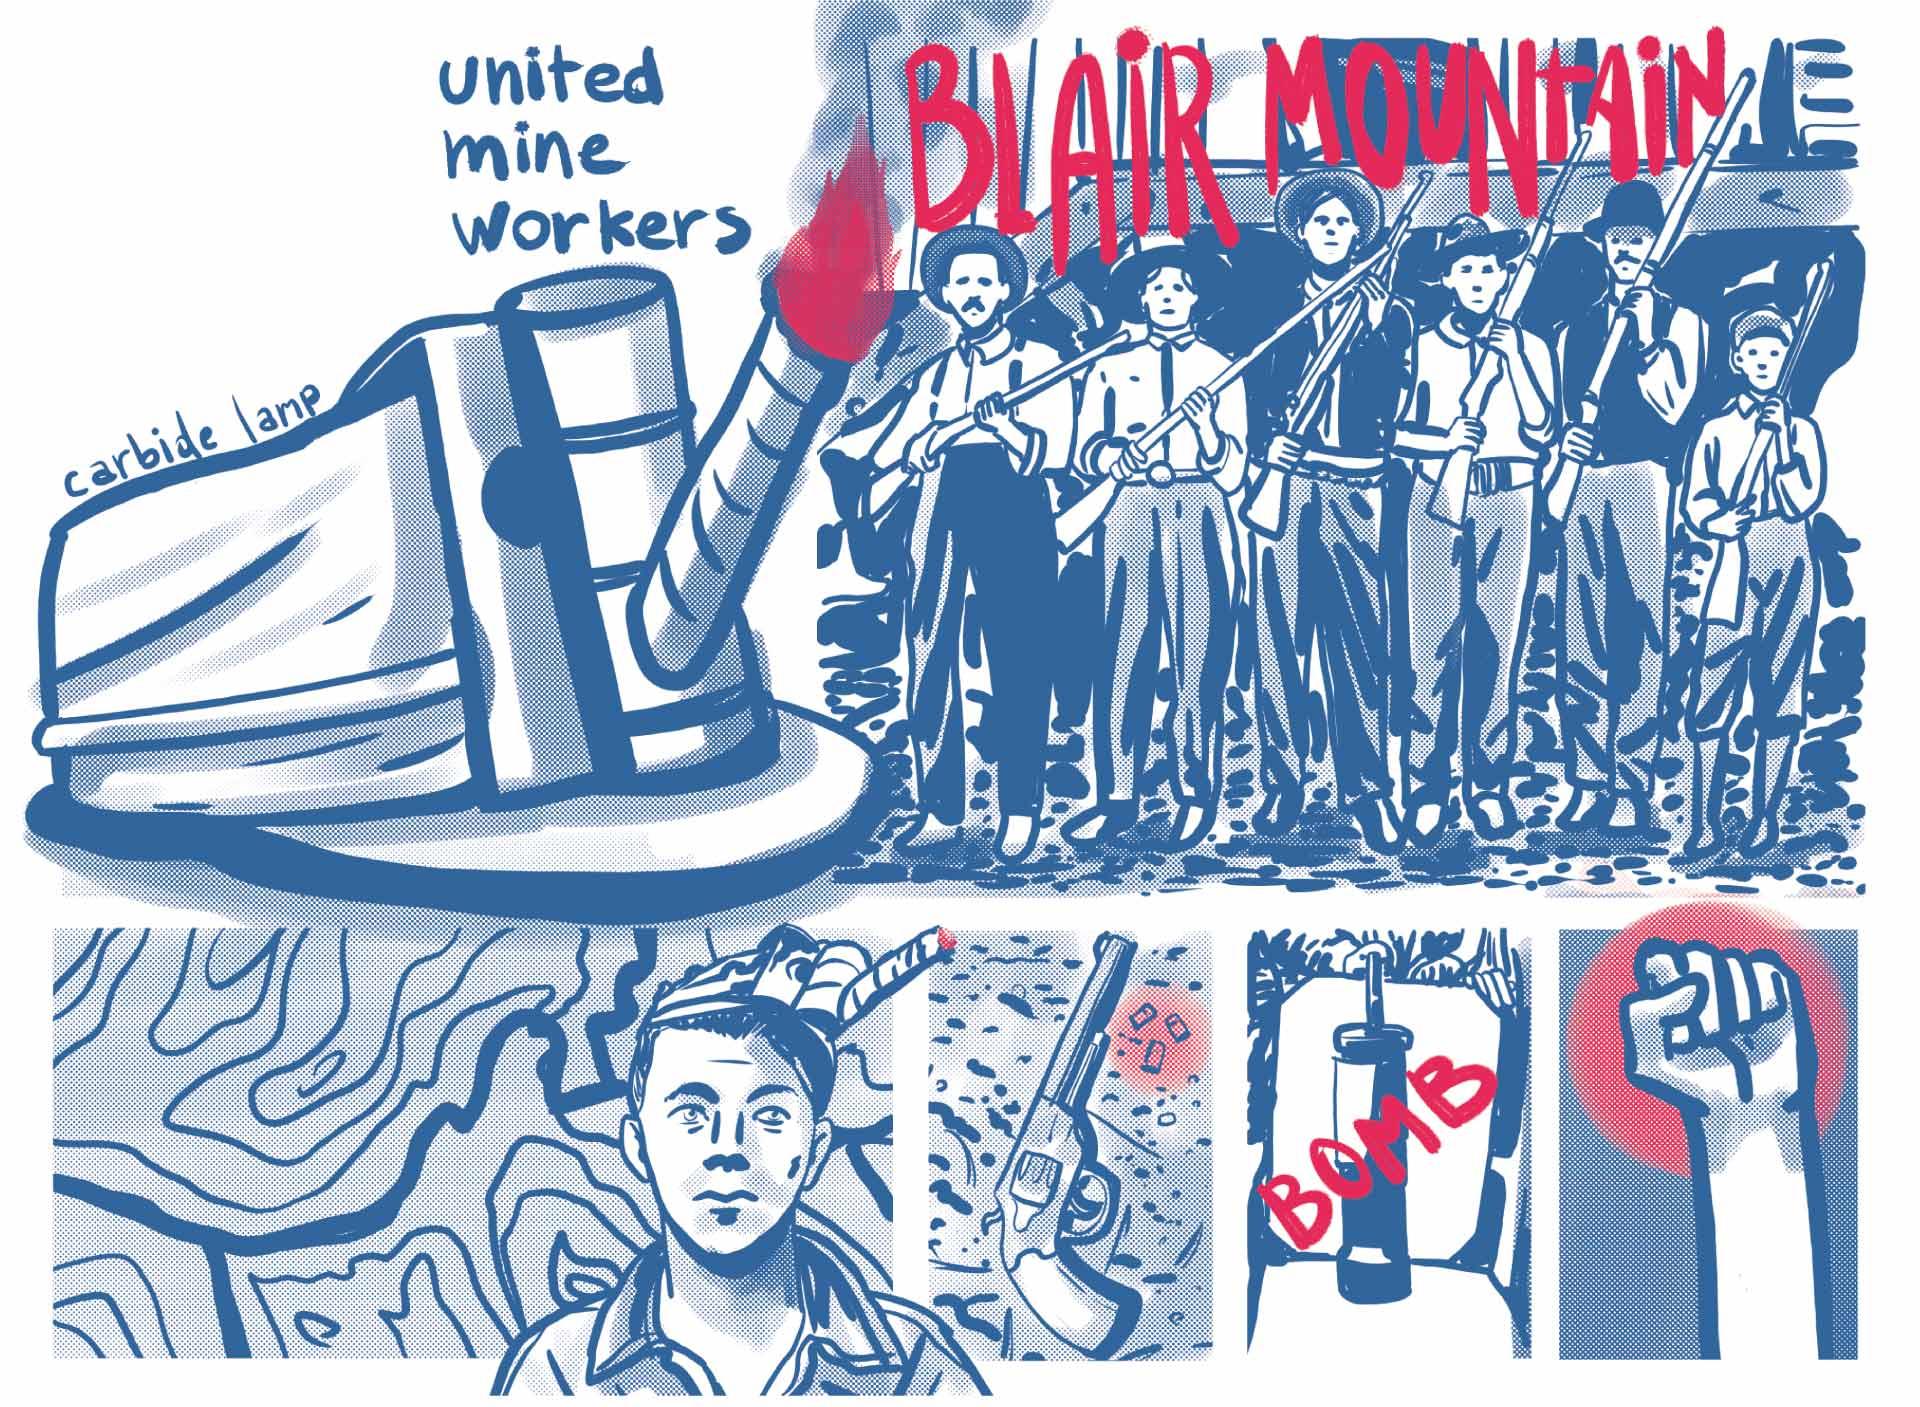 Ilustración principal de Agosto conmemorando la Batalla de Blair Mountain. Gorra con lampara, mineros armados, mapa, retrato de joven minero, revolver, bombra y puño alzado.